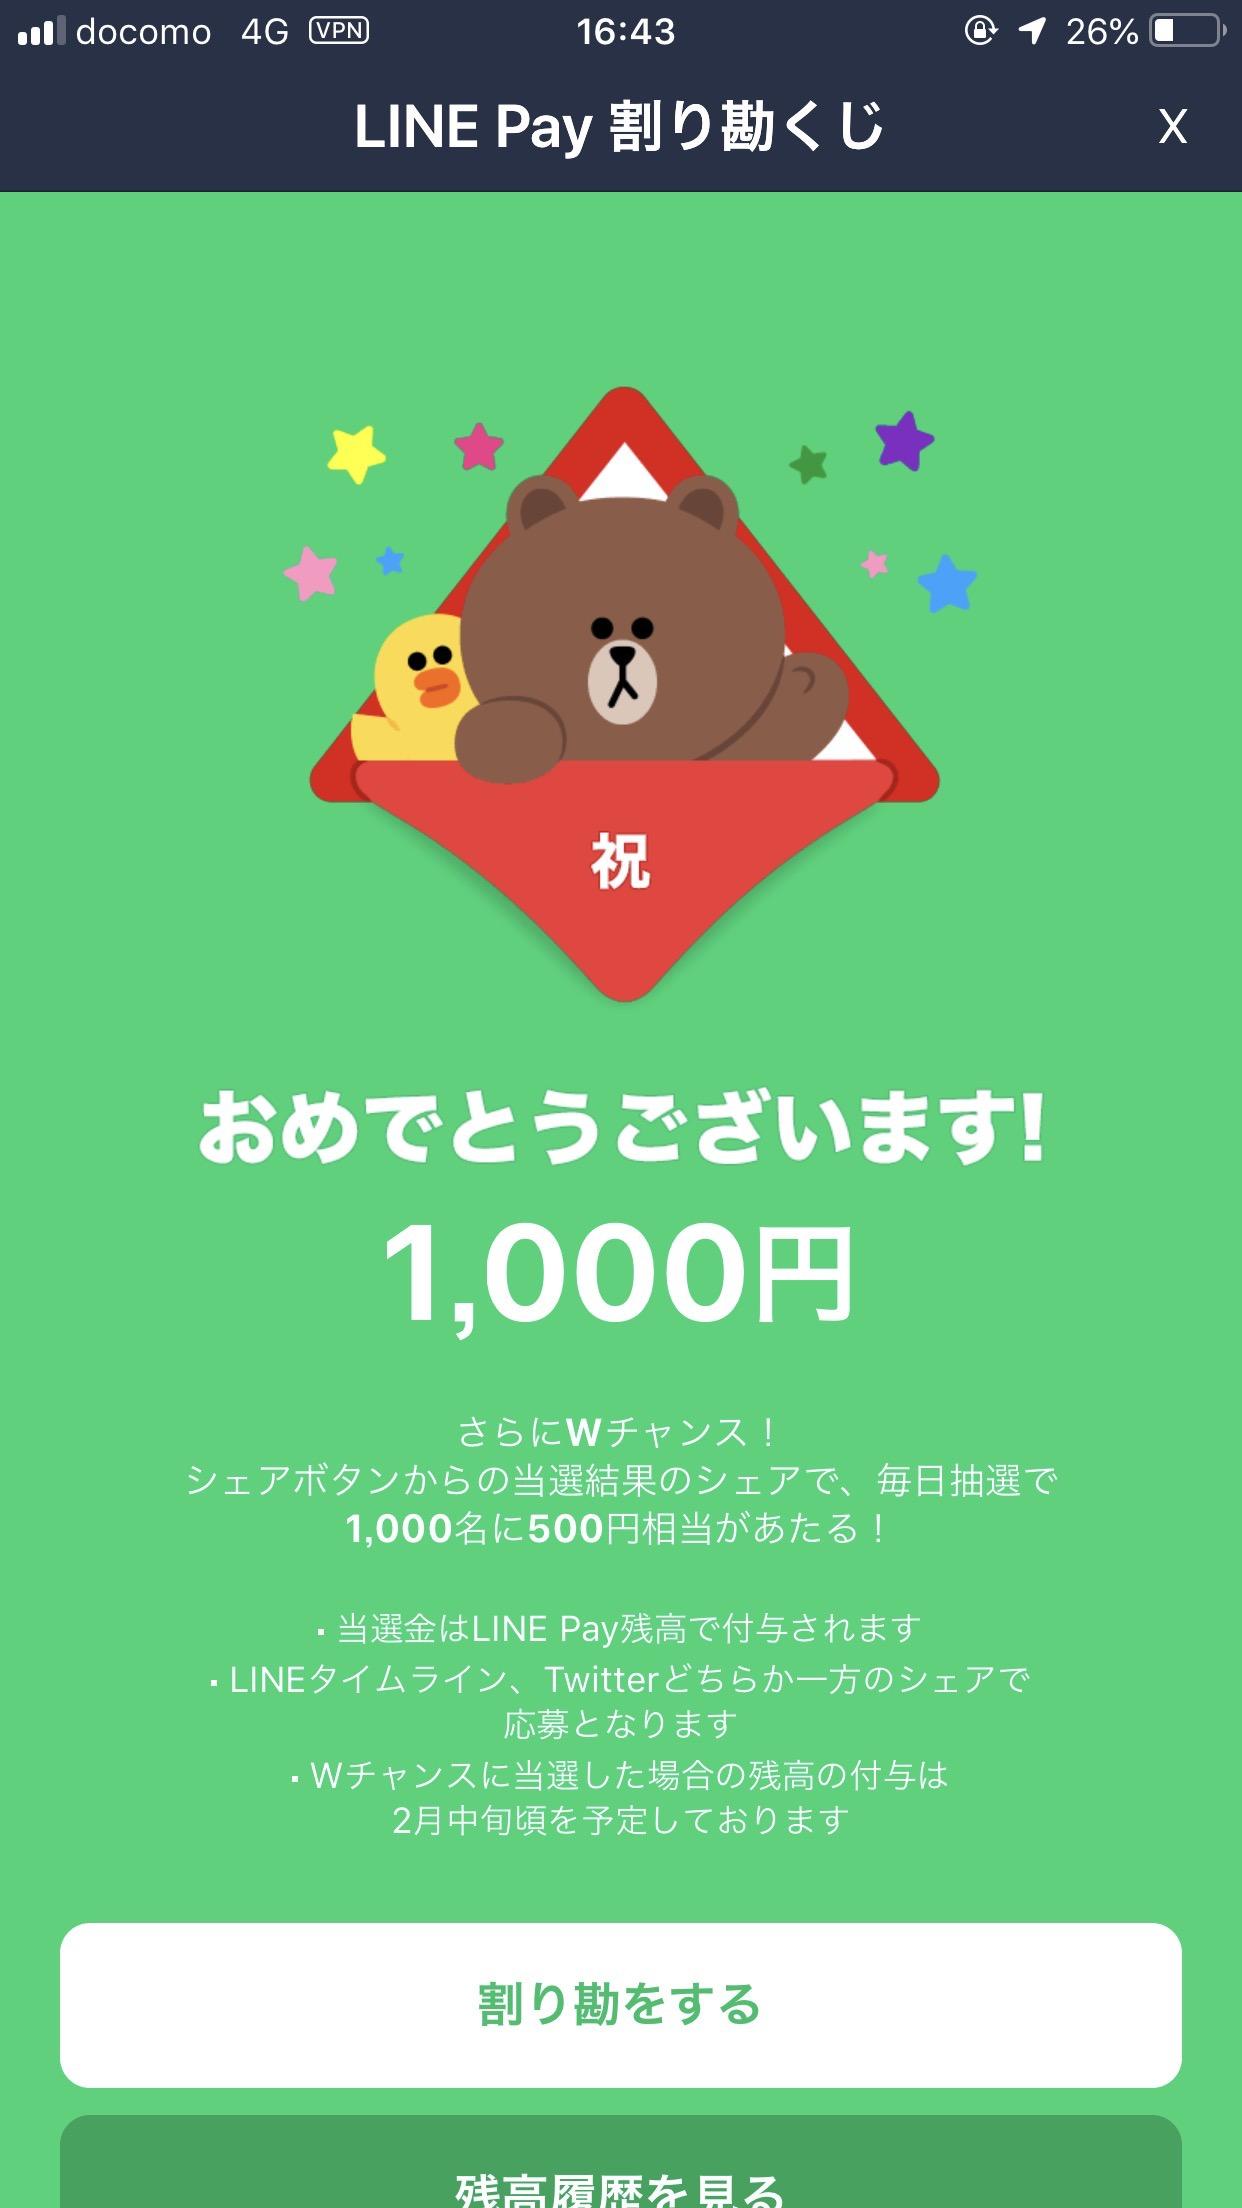 【LINE Pay】20%還元の「Payトク」と最大10,000円の当たる「割り勘」を粛々と実行すべし!(12/31まで)